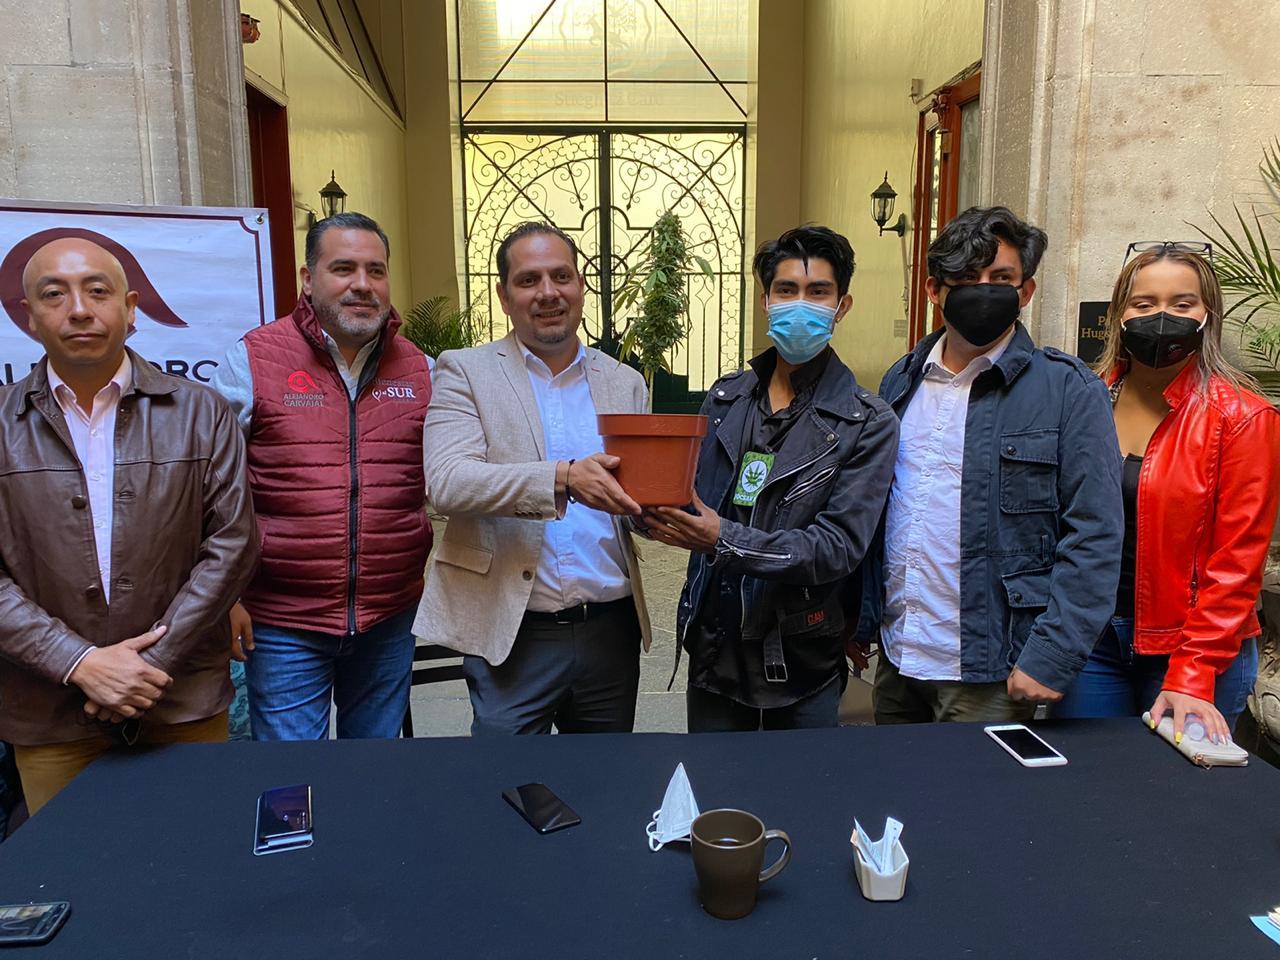 Habrá multas económicas y penales para quienes porten más de 28 gramos de marihuana: Carvajal Hidalgo